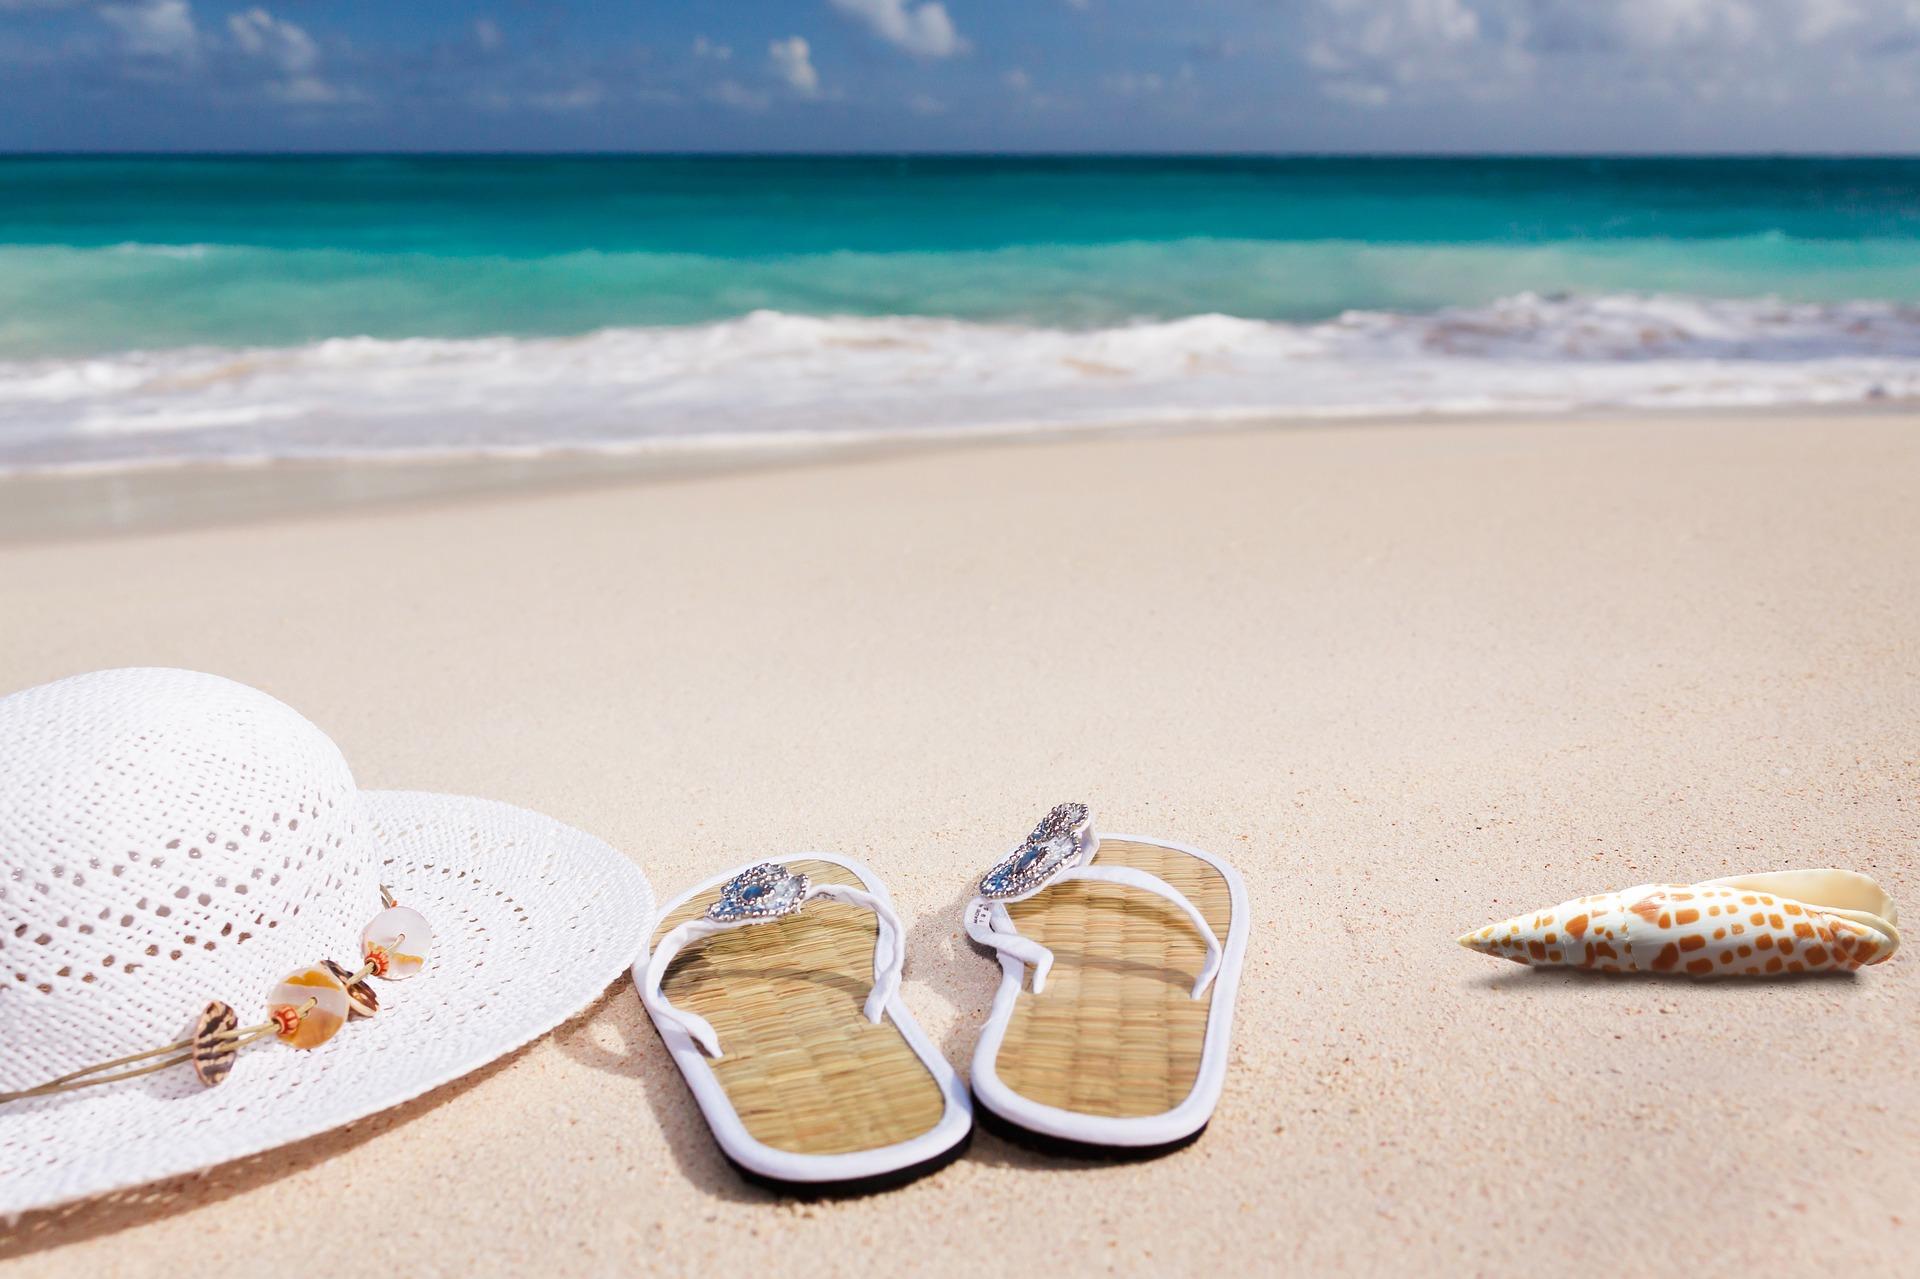 Strand, Flip Flops